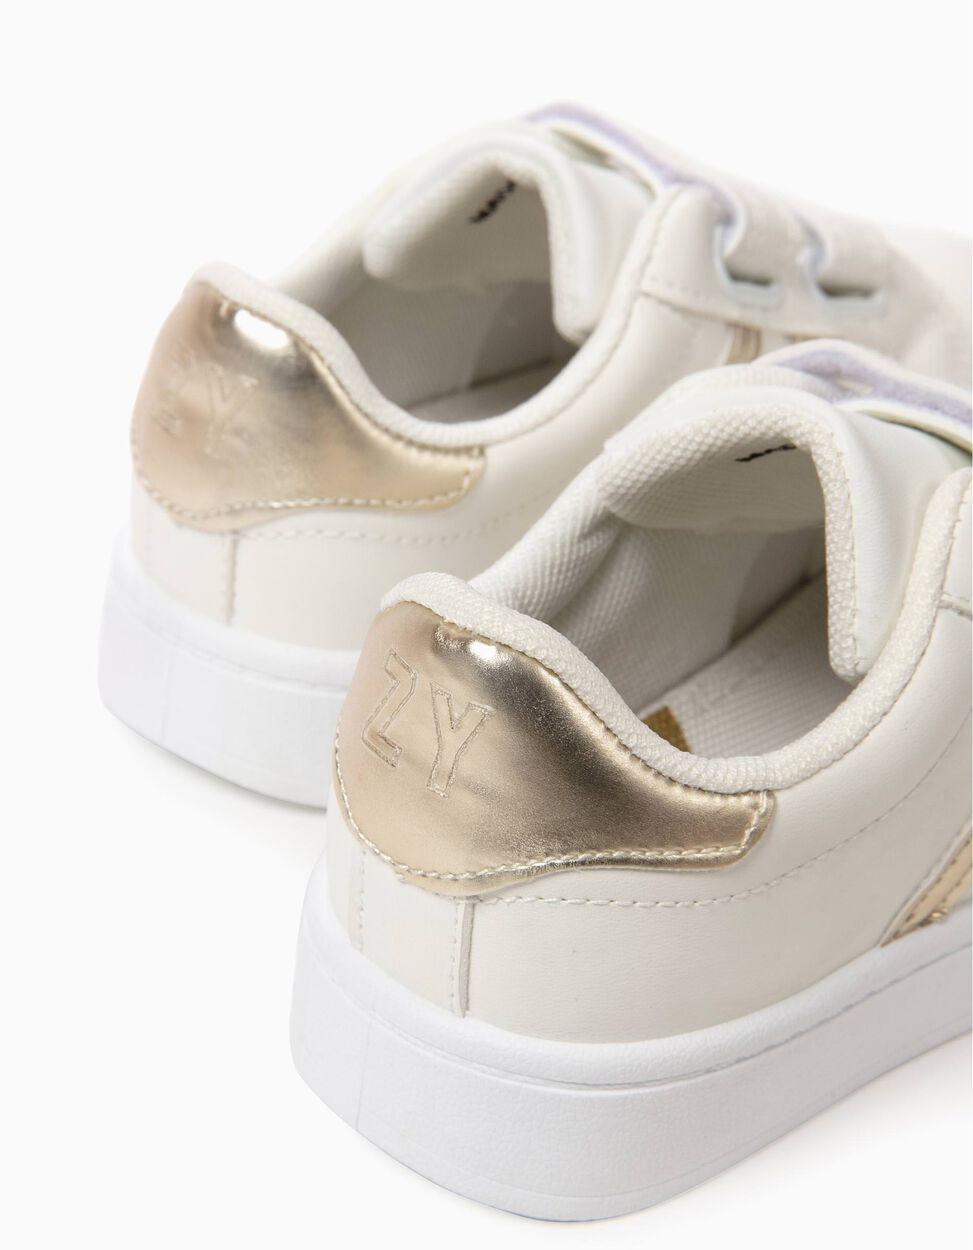 Zapatillas con Cierre Autoadherente Blancas y Doradas